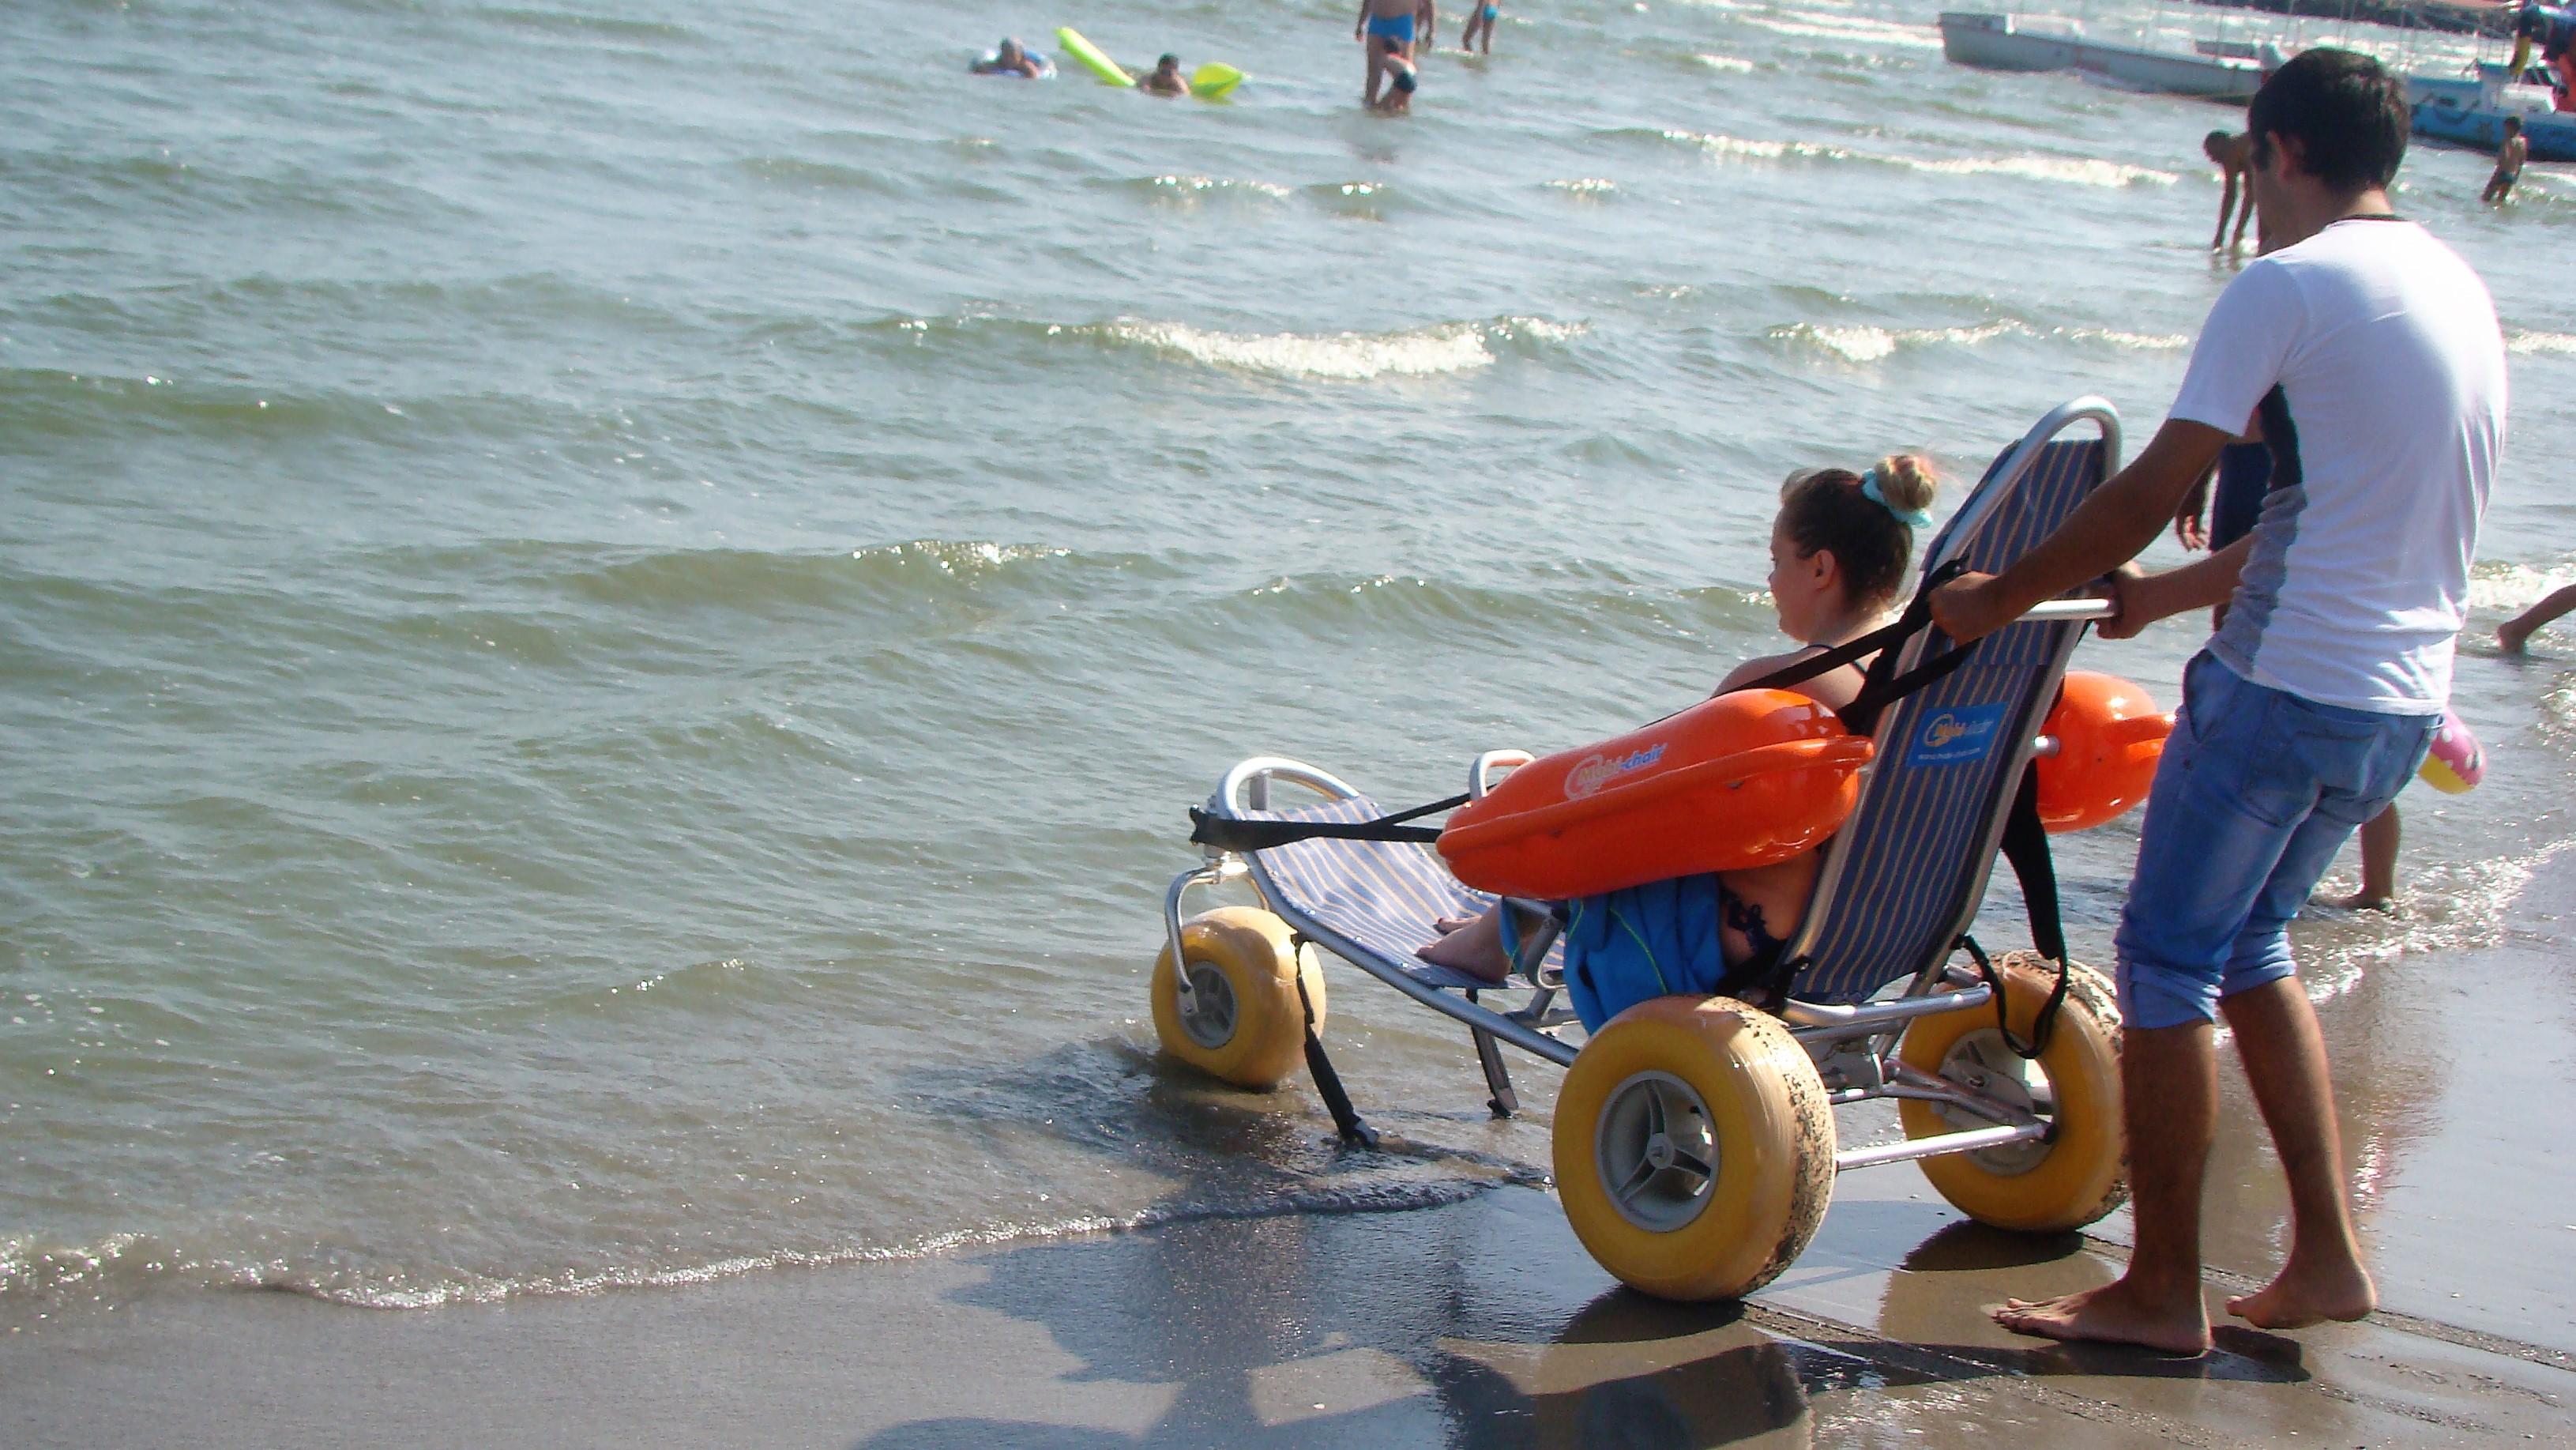 FOTO   Premieră pentru litoralul românesc: A fost inaugurată prima plajă dotată cu facilităţi pentru persoanele cu dizabilităţi